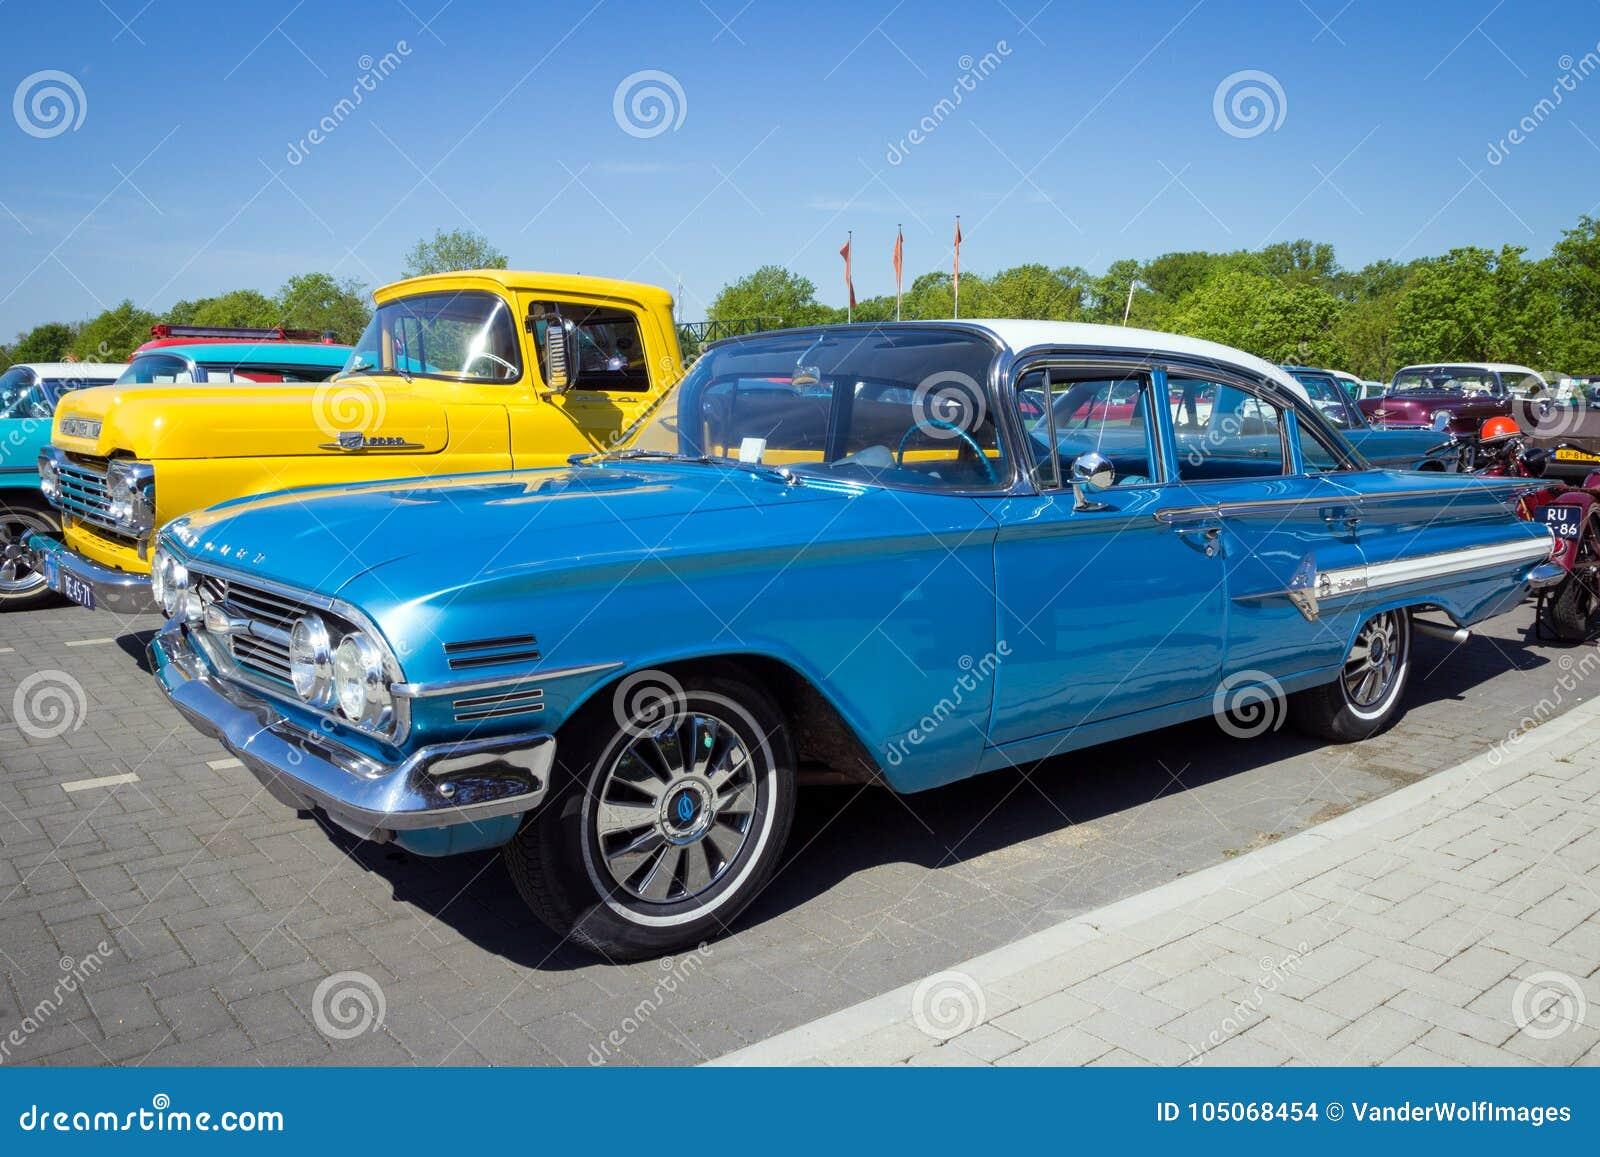 Kelebihan Kekurangan Chevrolet Impala 1960 Harga